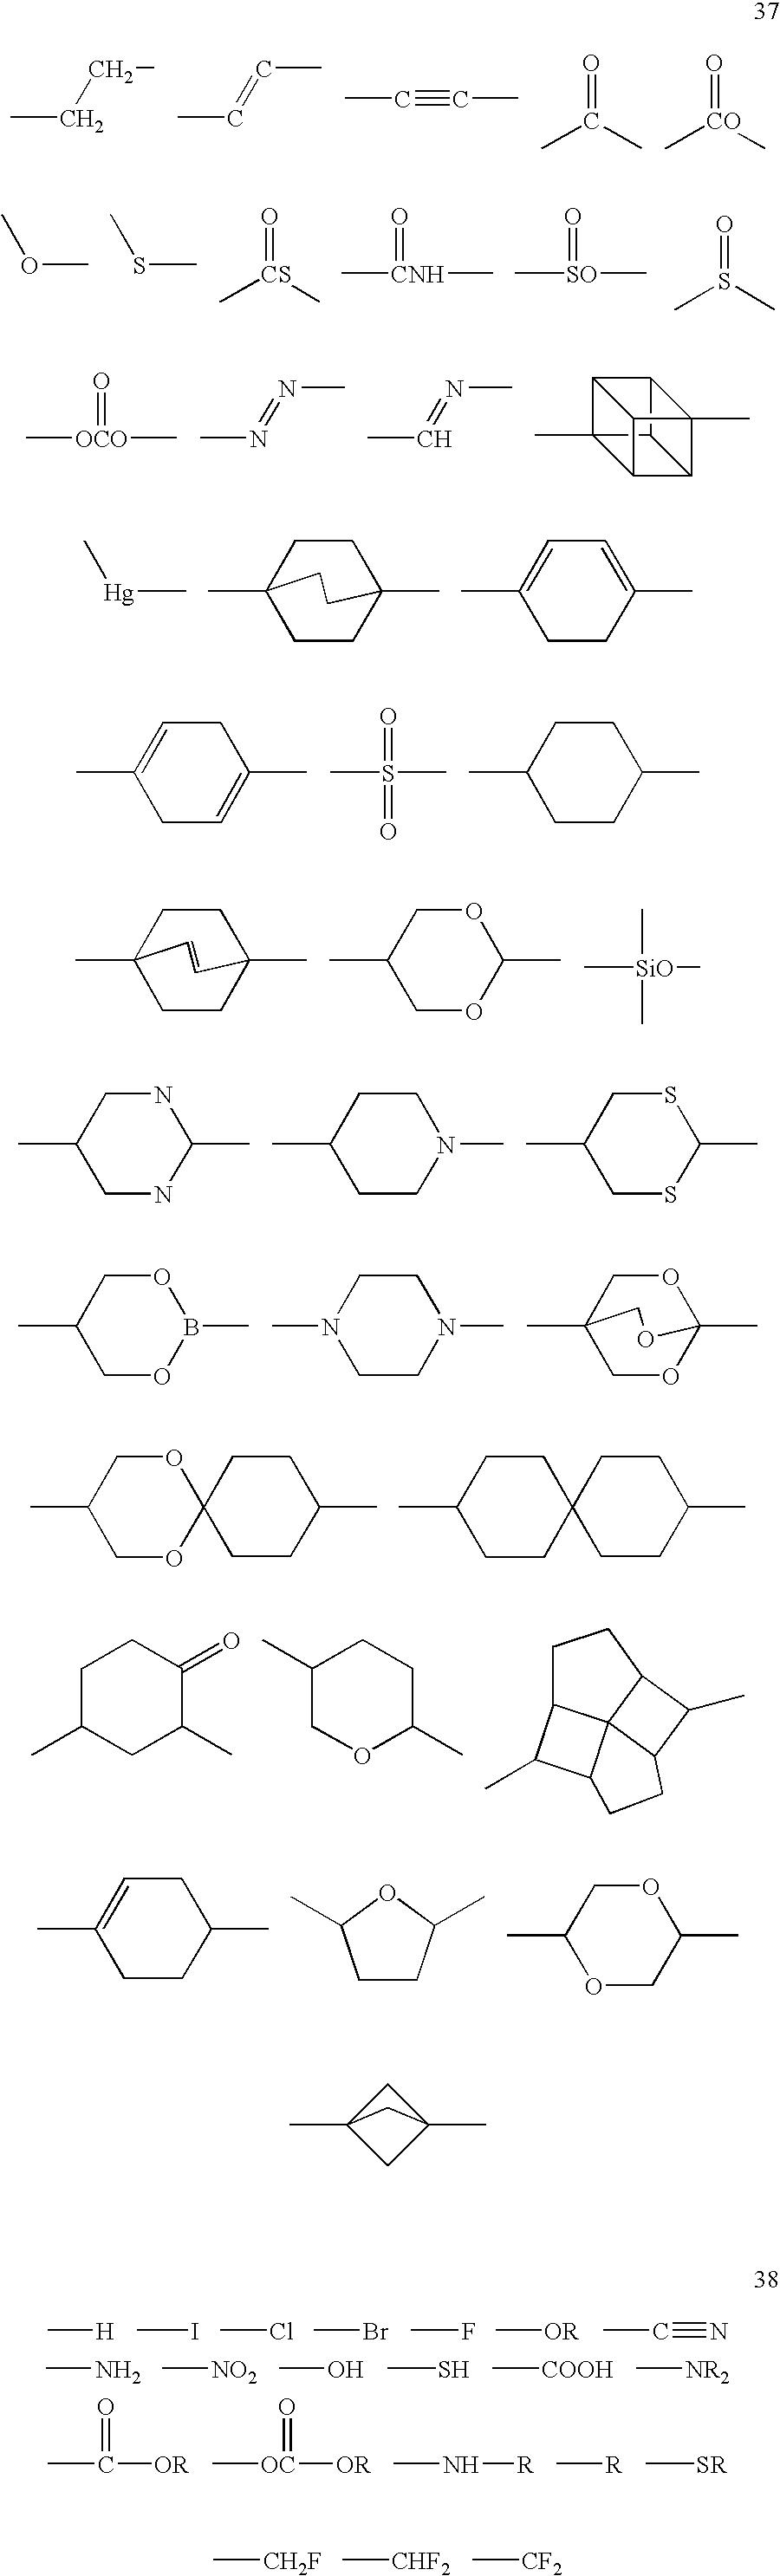 Figure US07135702-20061114-C00004